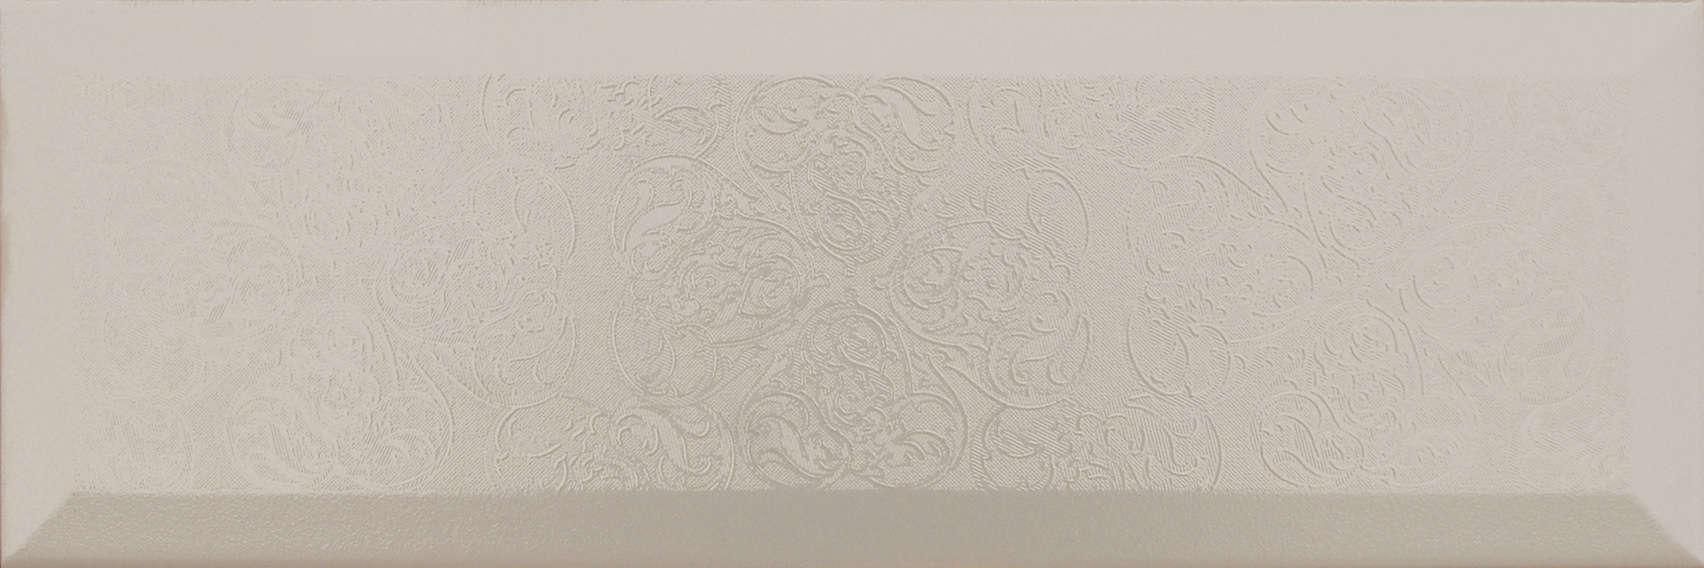 Faianță pentru baie Absolut Keramika Vintage Crema Decor 150x450 satin bej / 2